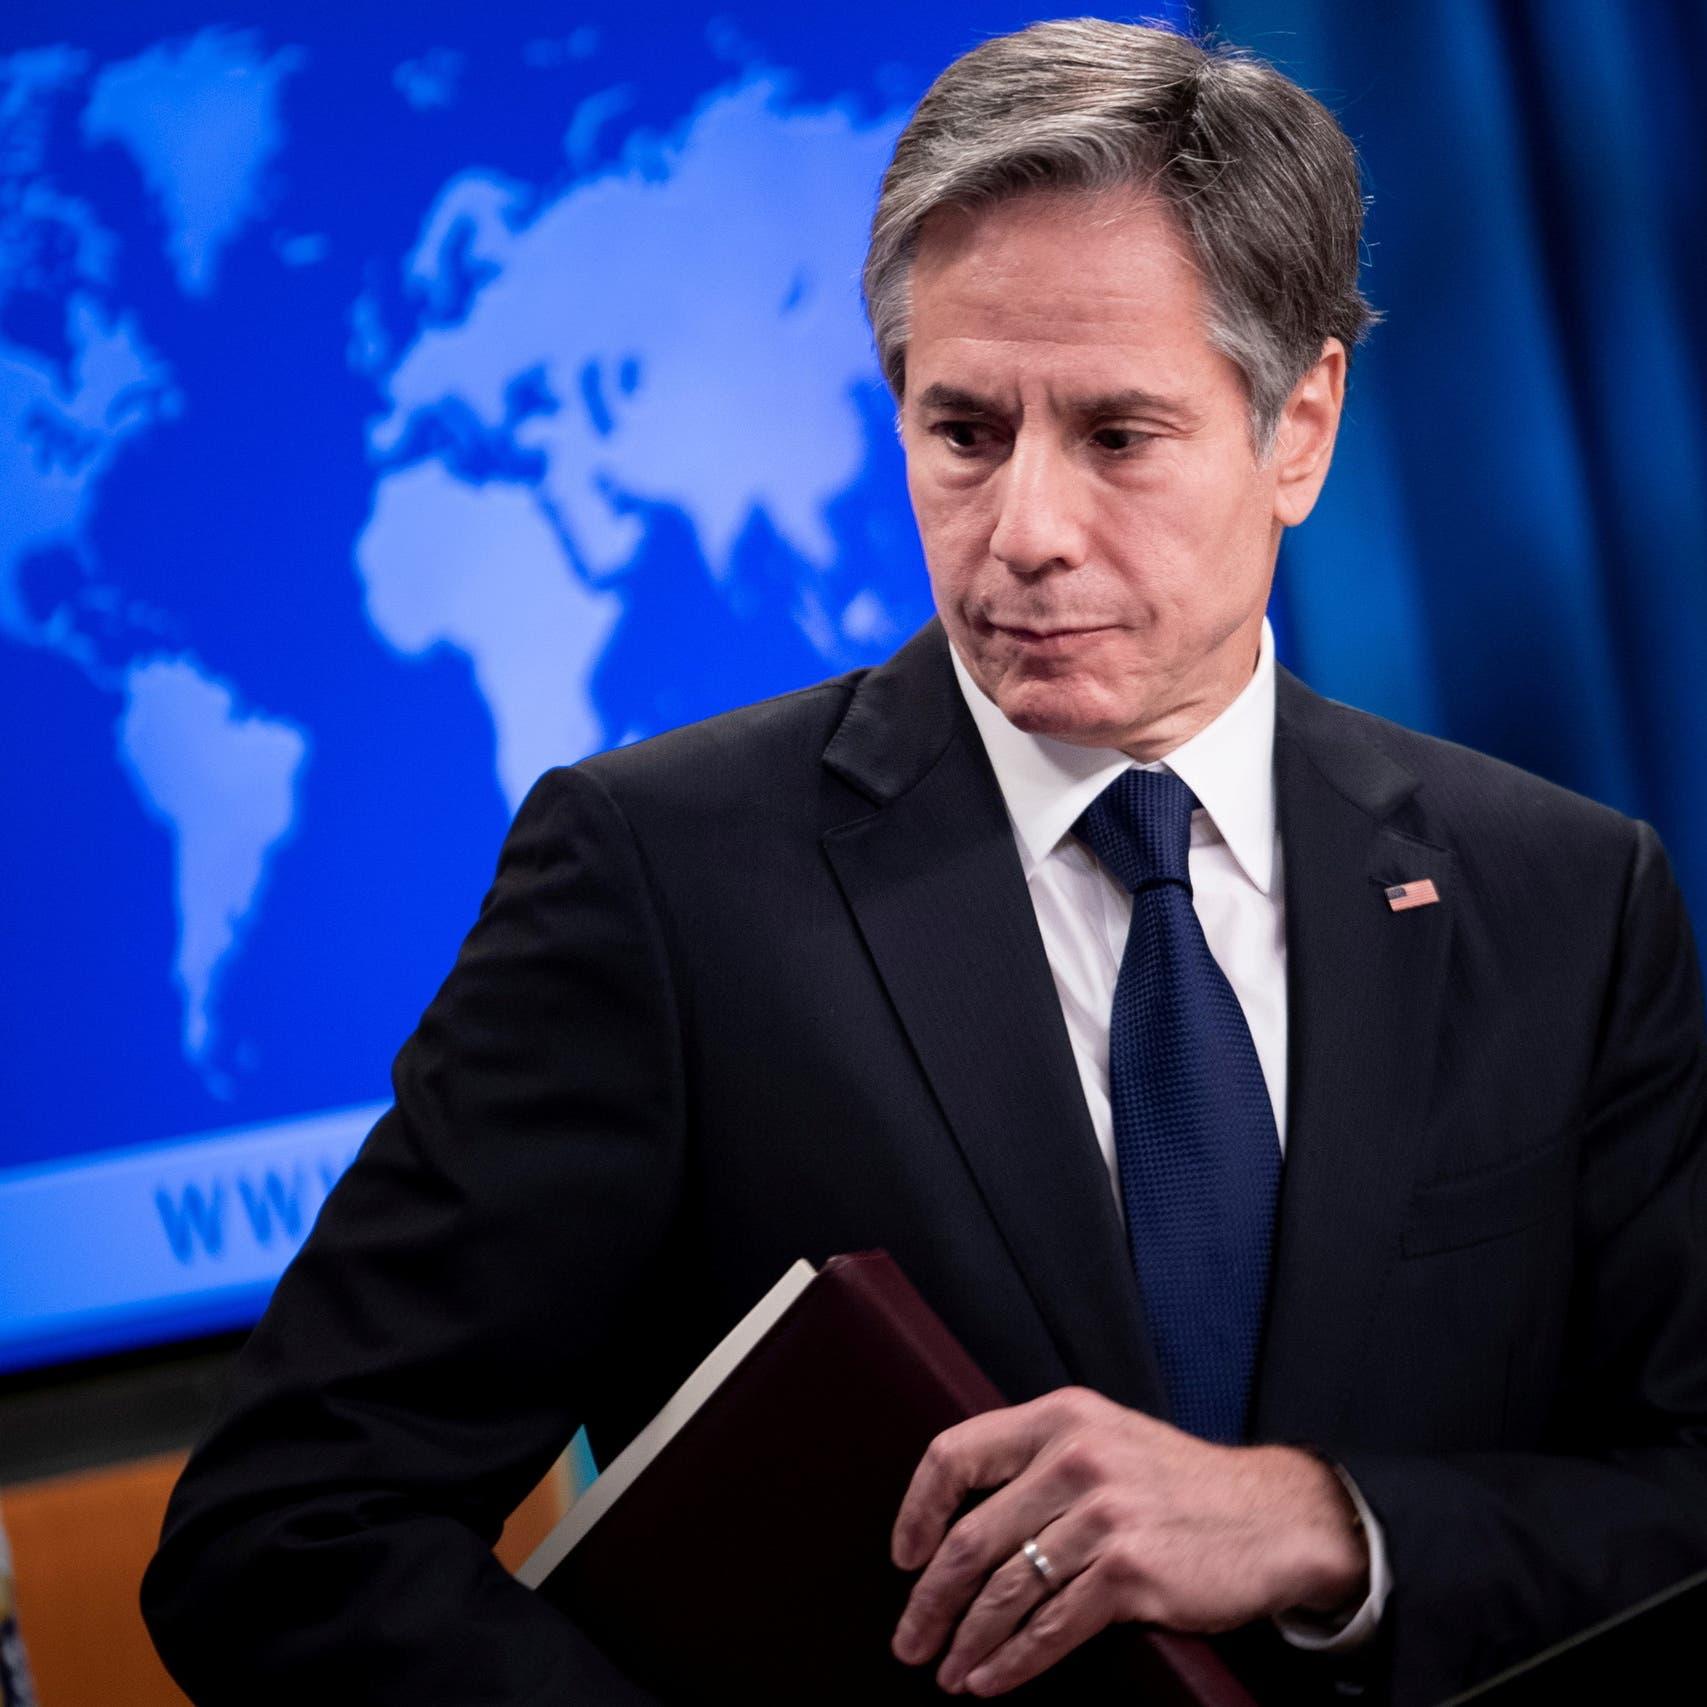 """بلينكن: واثقون بأن إيران هاجمت السفينة """"ميرسر ستريت"""""""